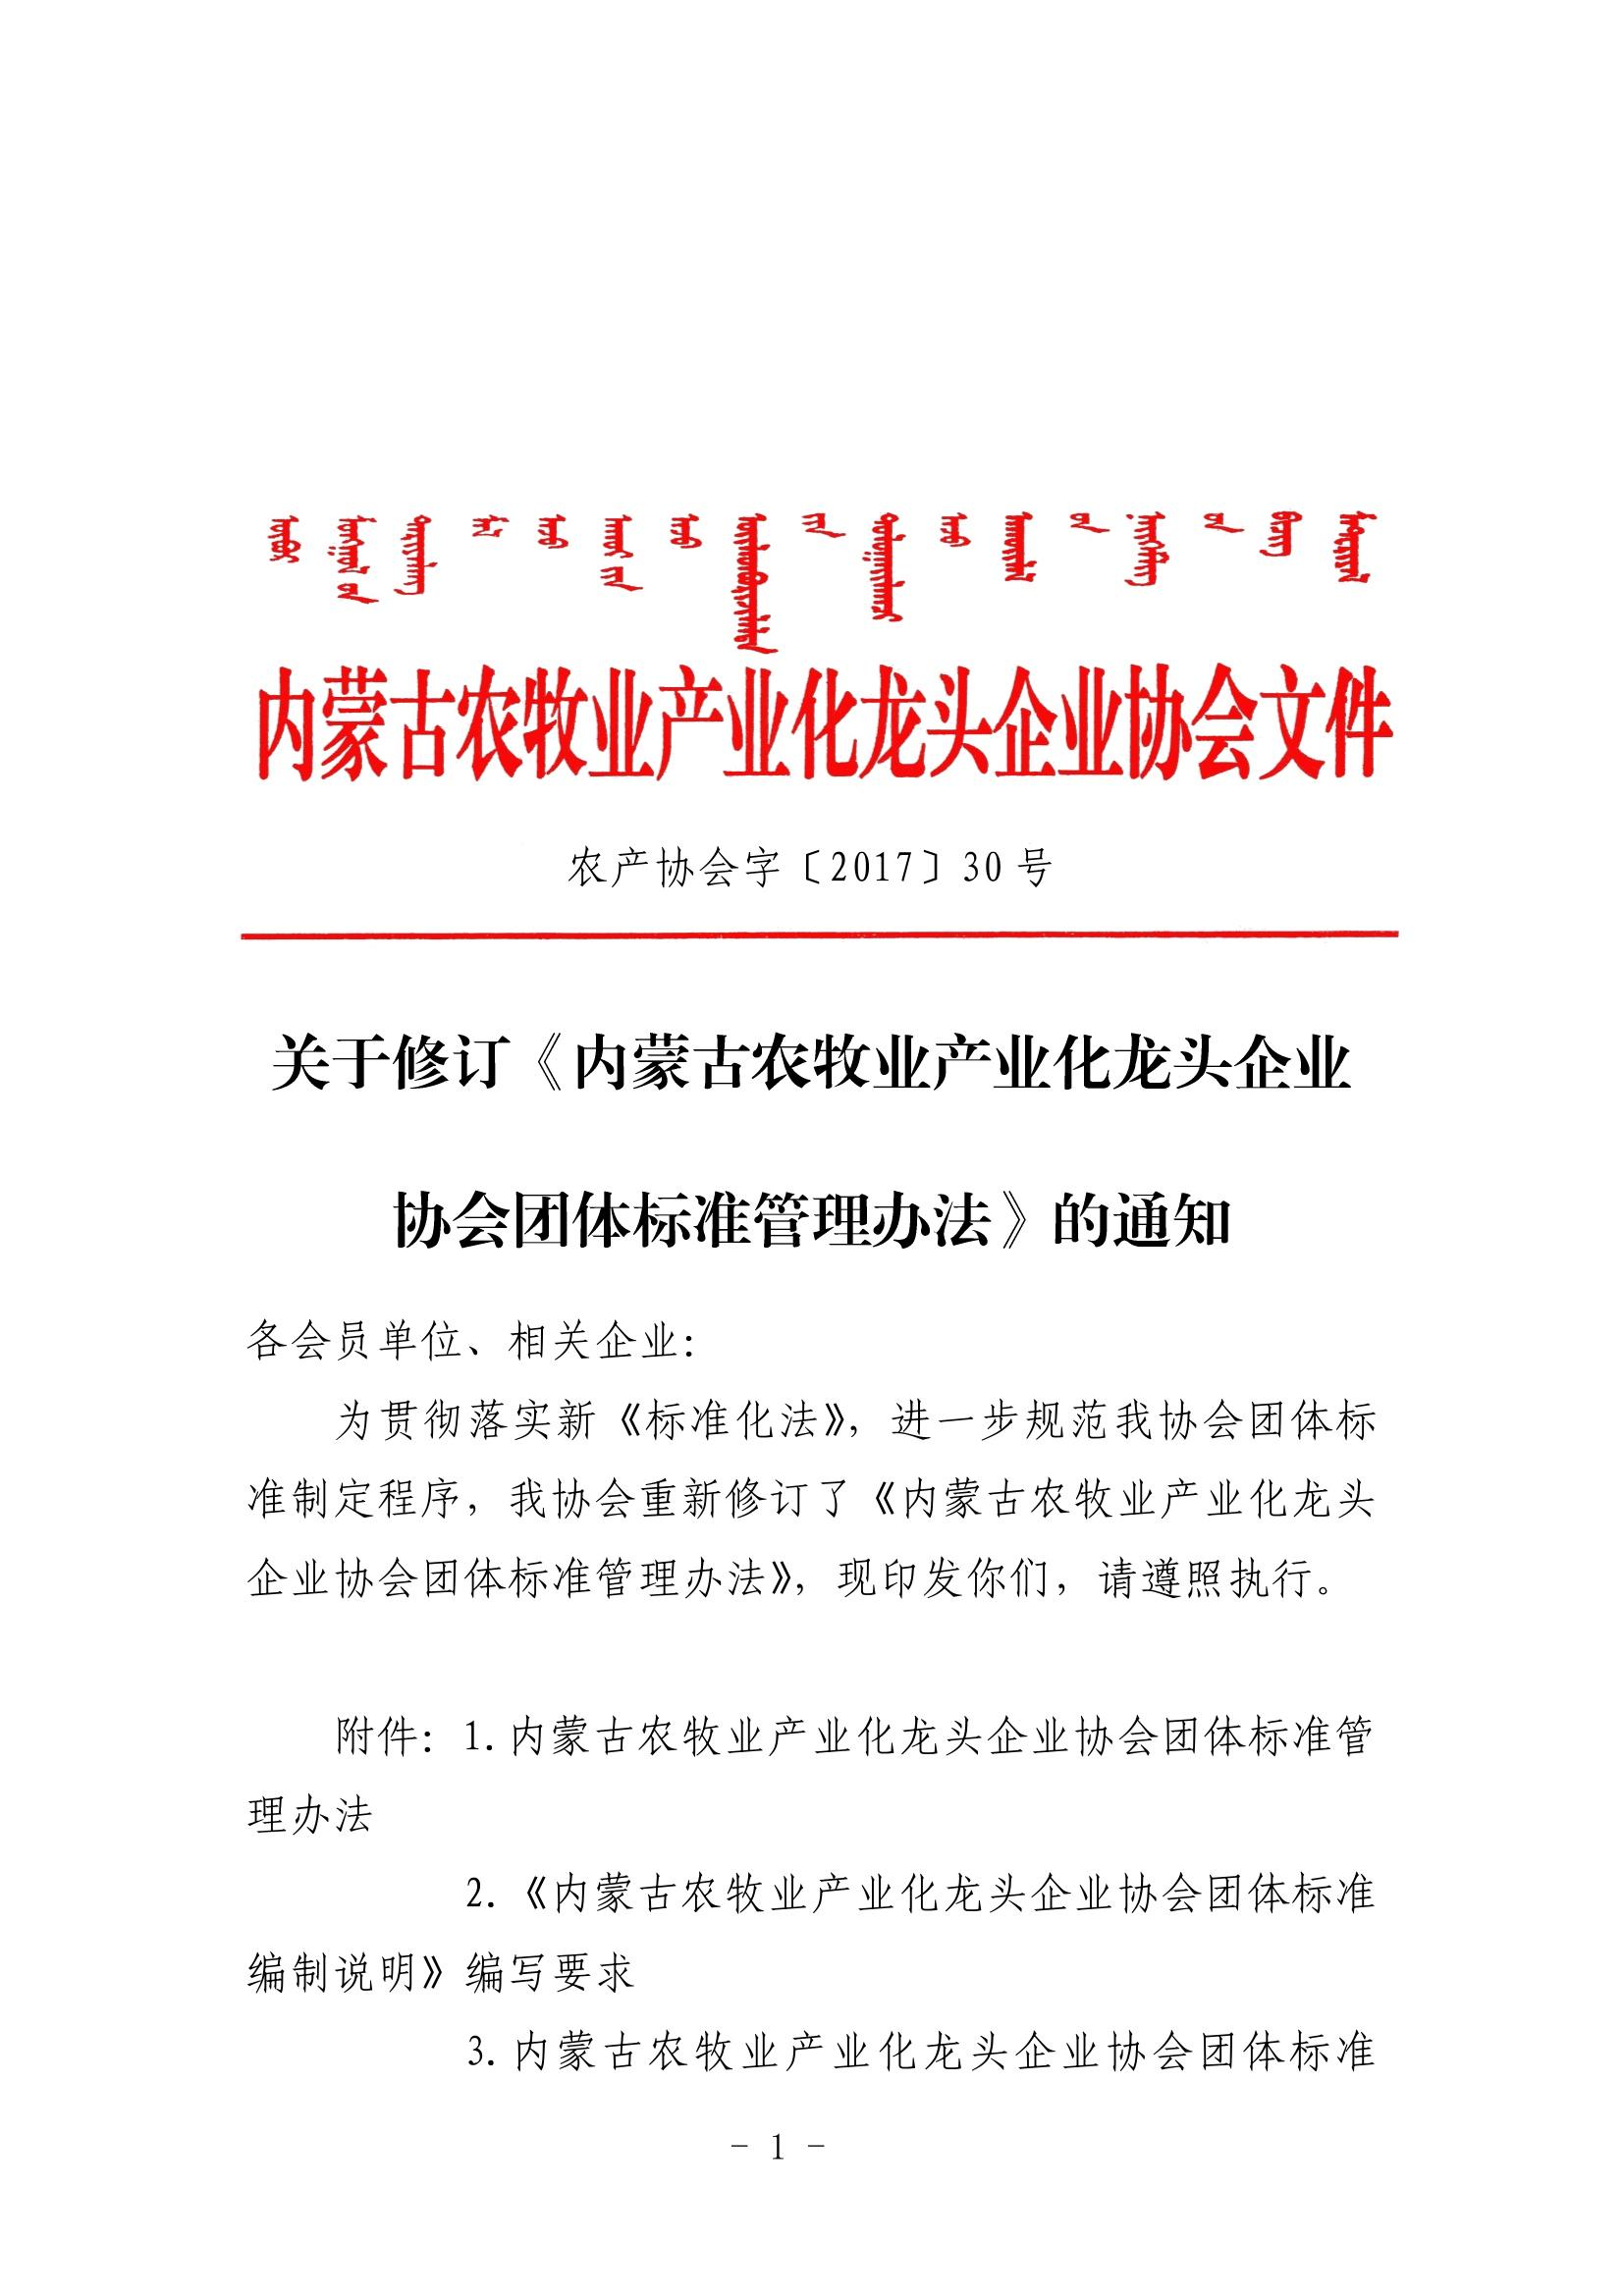 关于修订《雷竞技app官网-类似雷竞技-雷竞技raybet提现团体标准管理办法》的通知